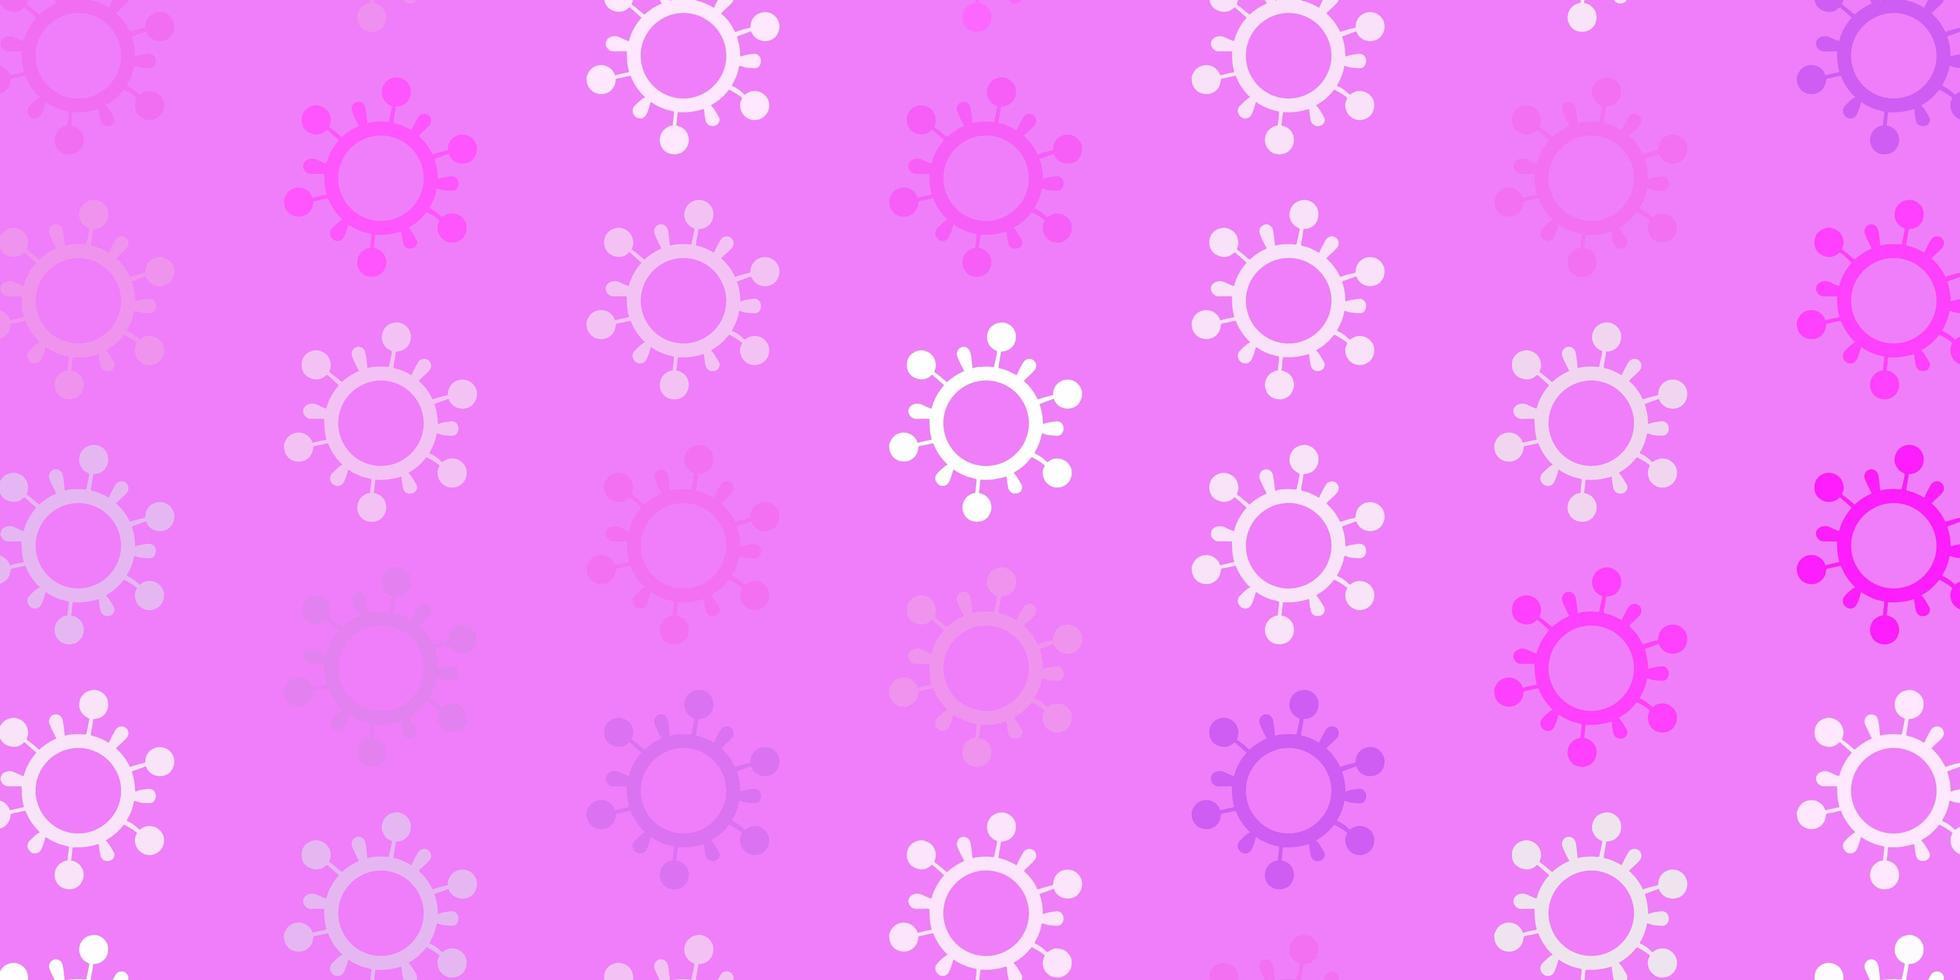 lichtpaars vectorpatroon met coronaviruselementen. vector